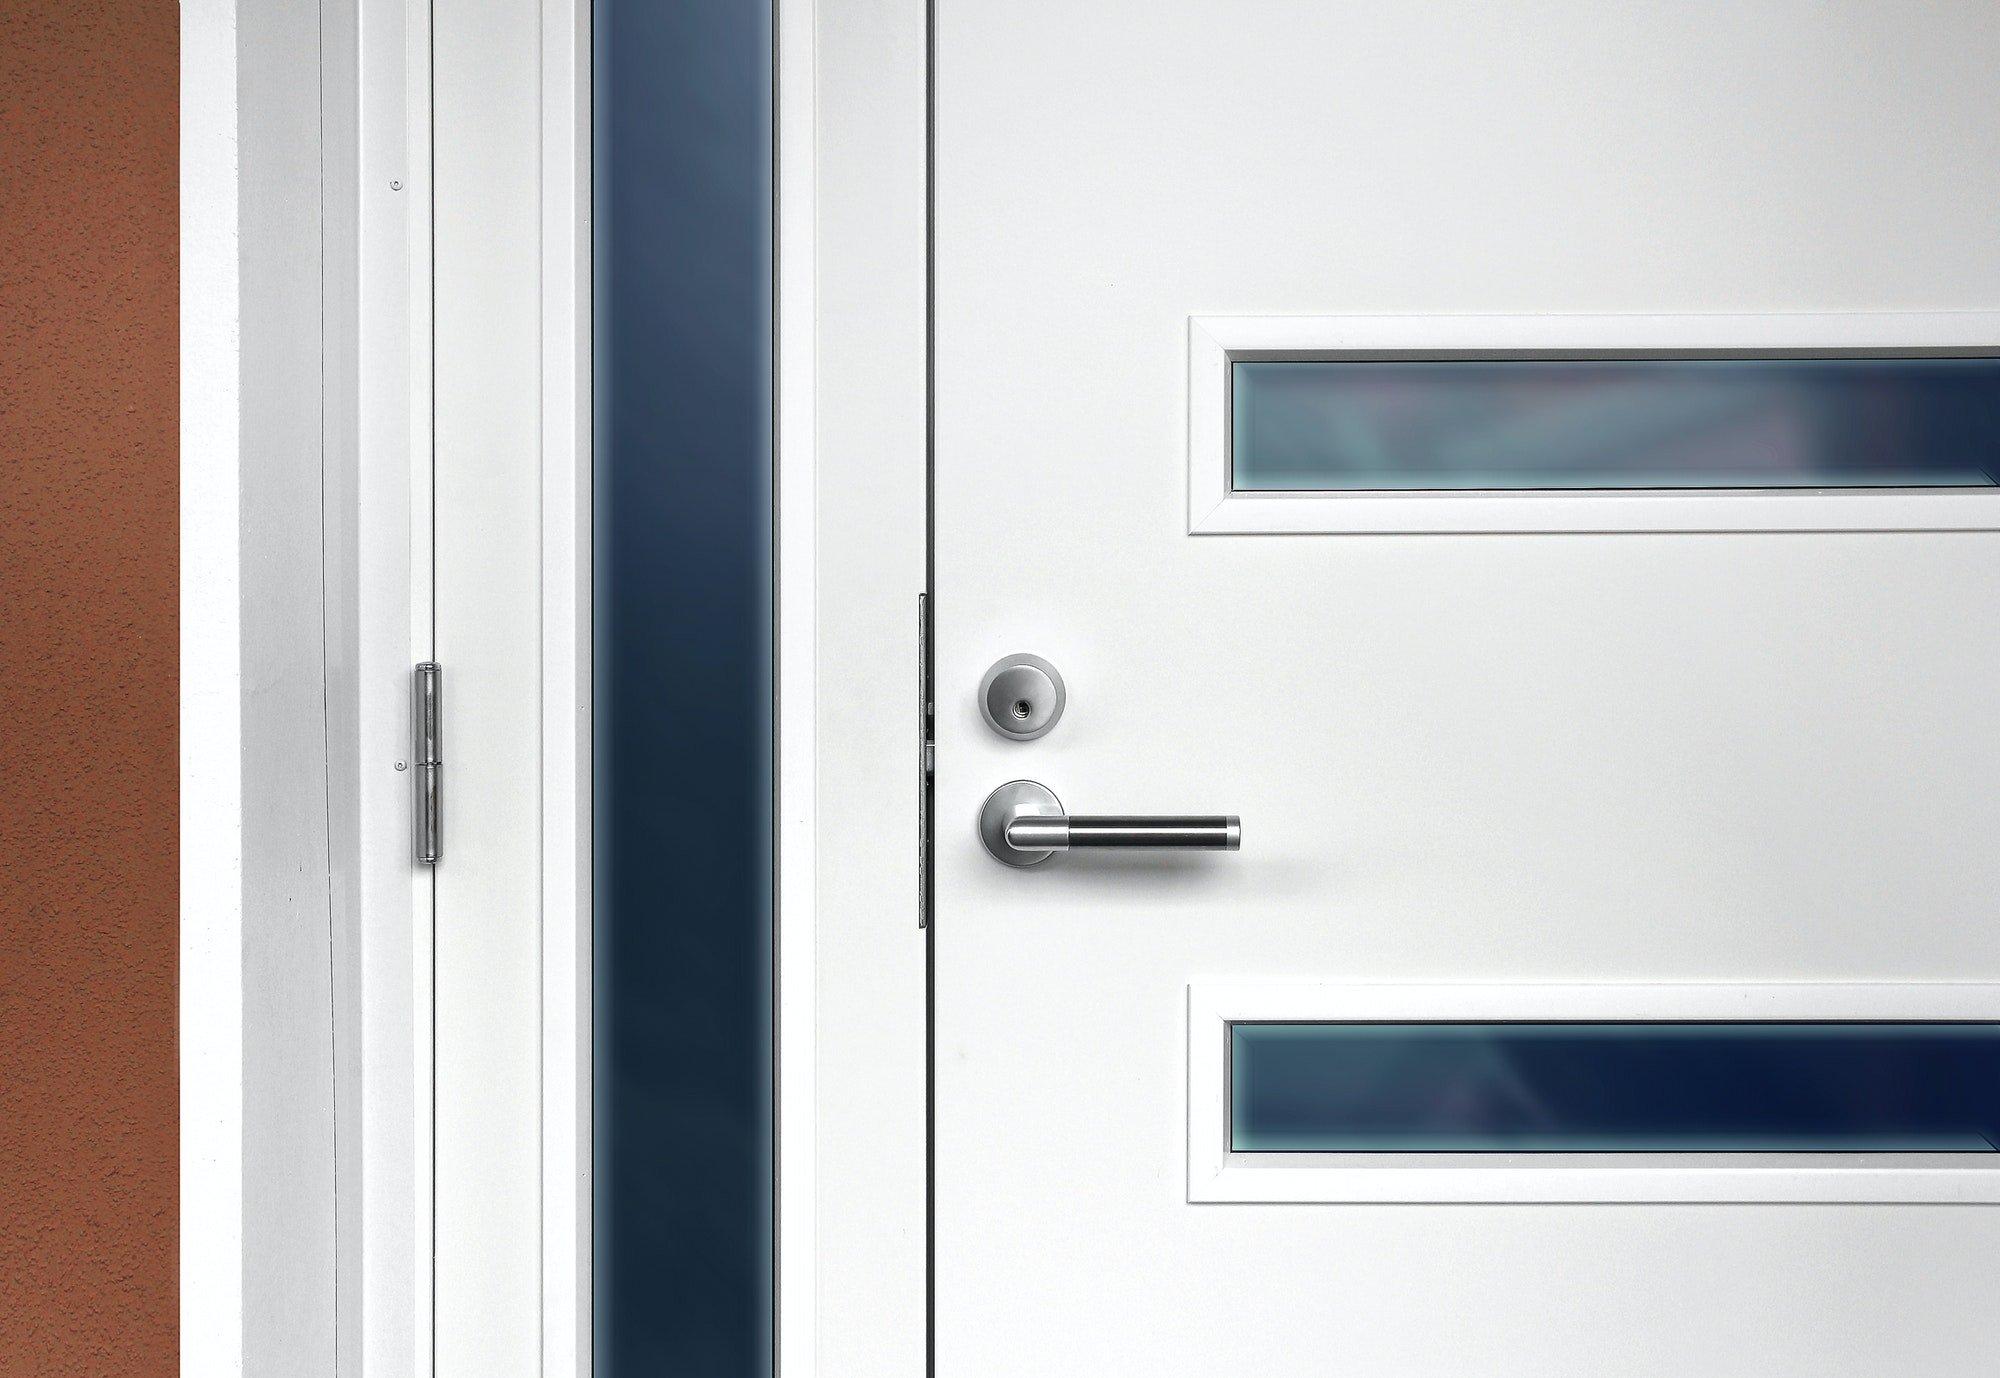 Puerta de entrada blanca moderna con tirador